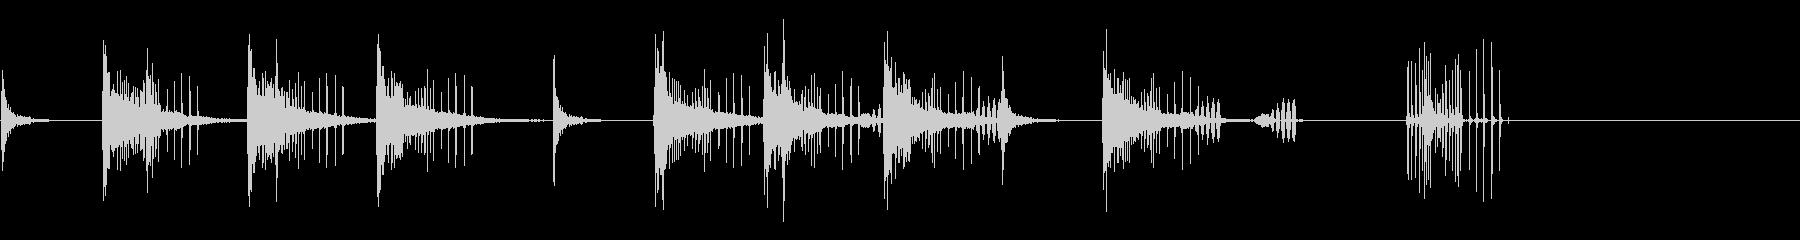 とんとん(派手な建設中の音)B13の未再生の波形